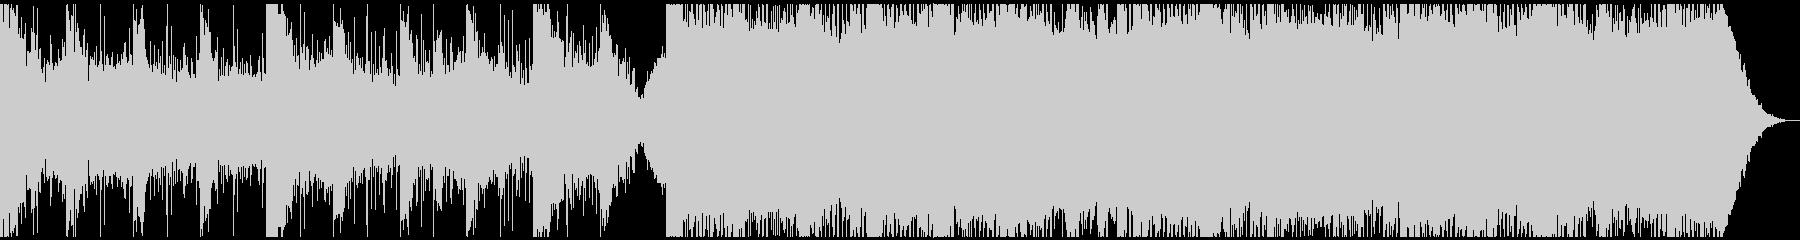 緊張高まる電子サウンドの未再生の波形